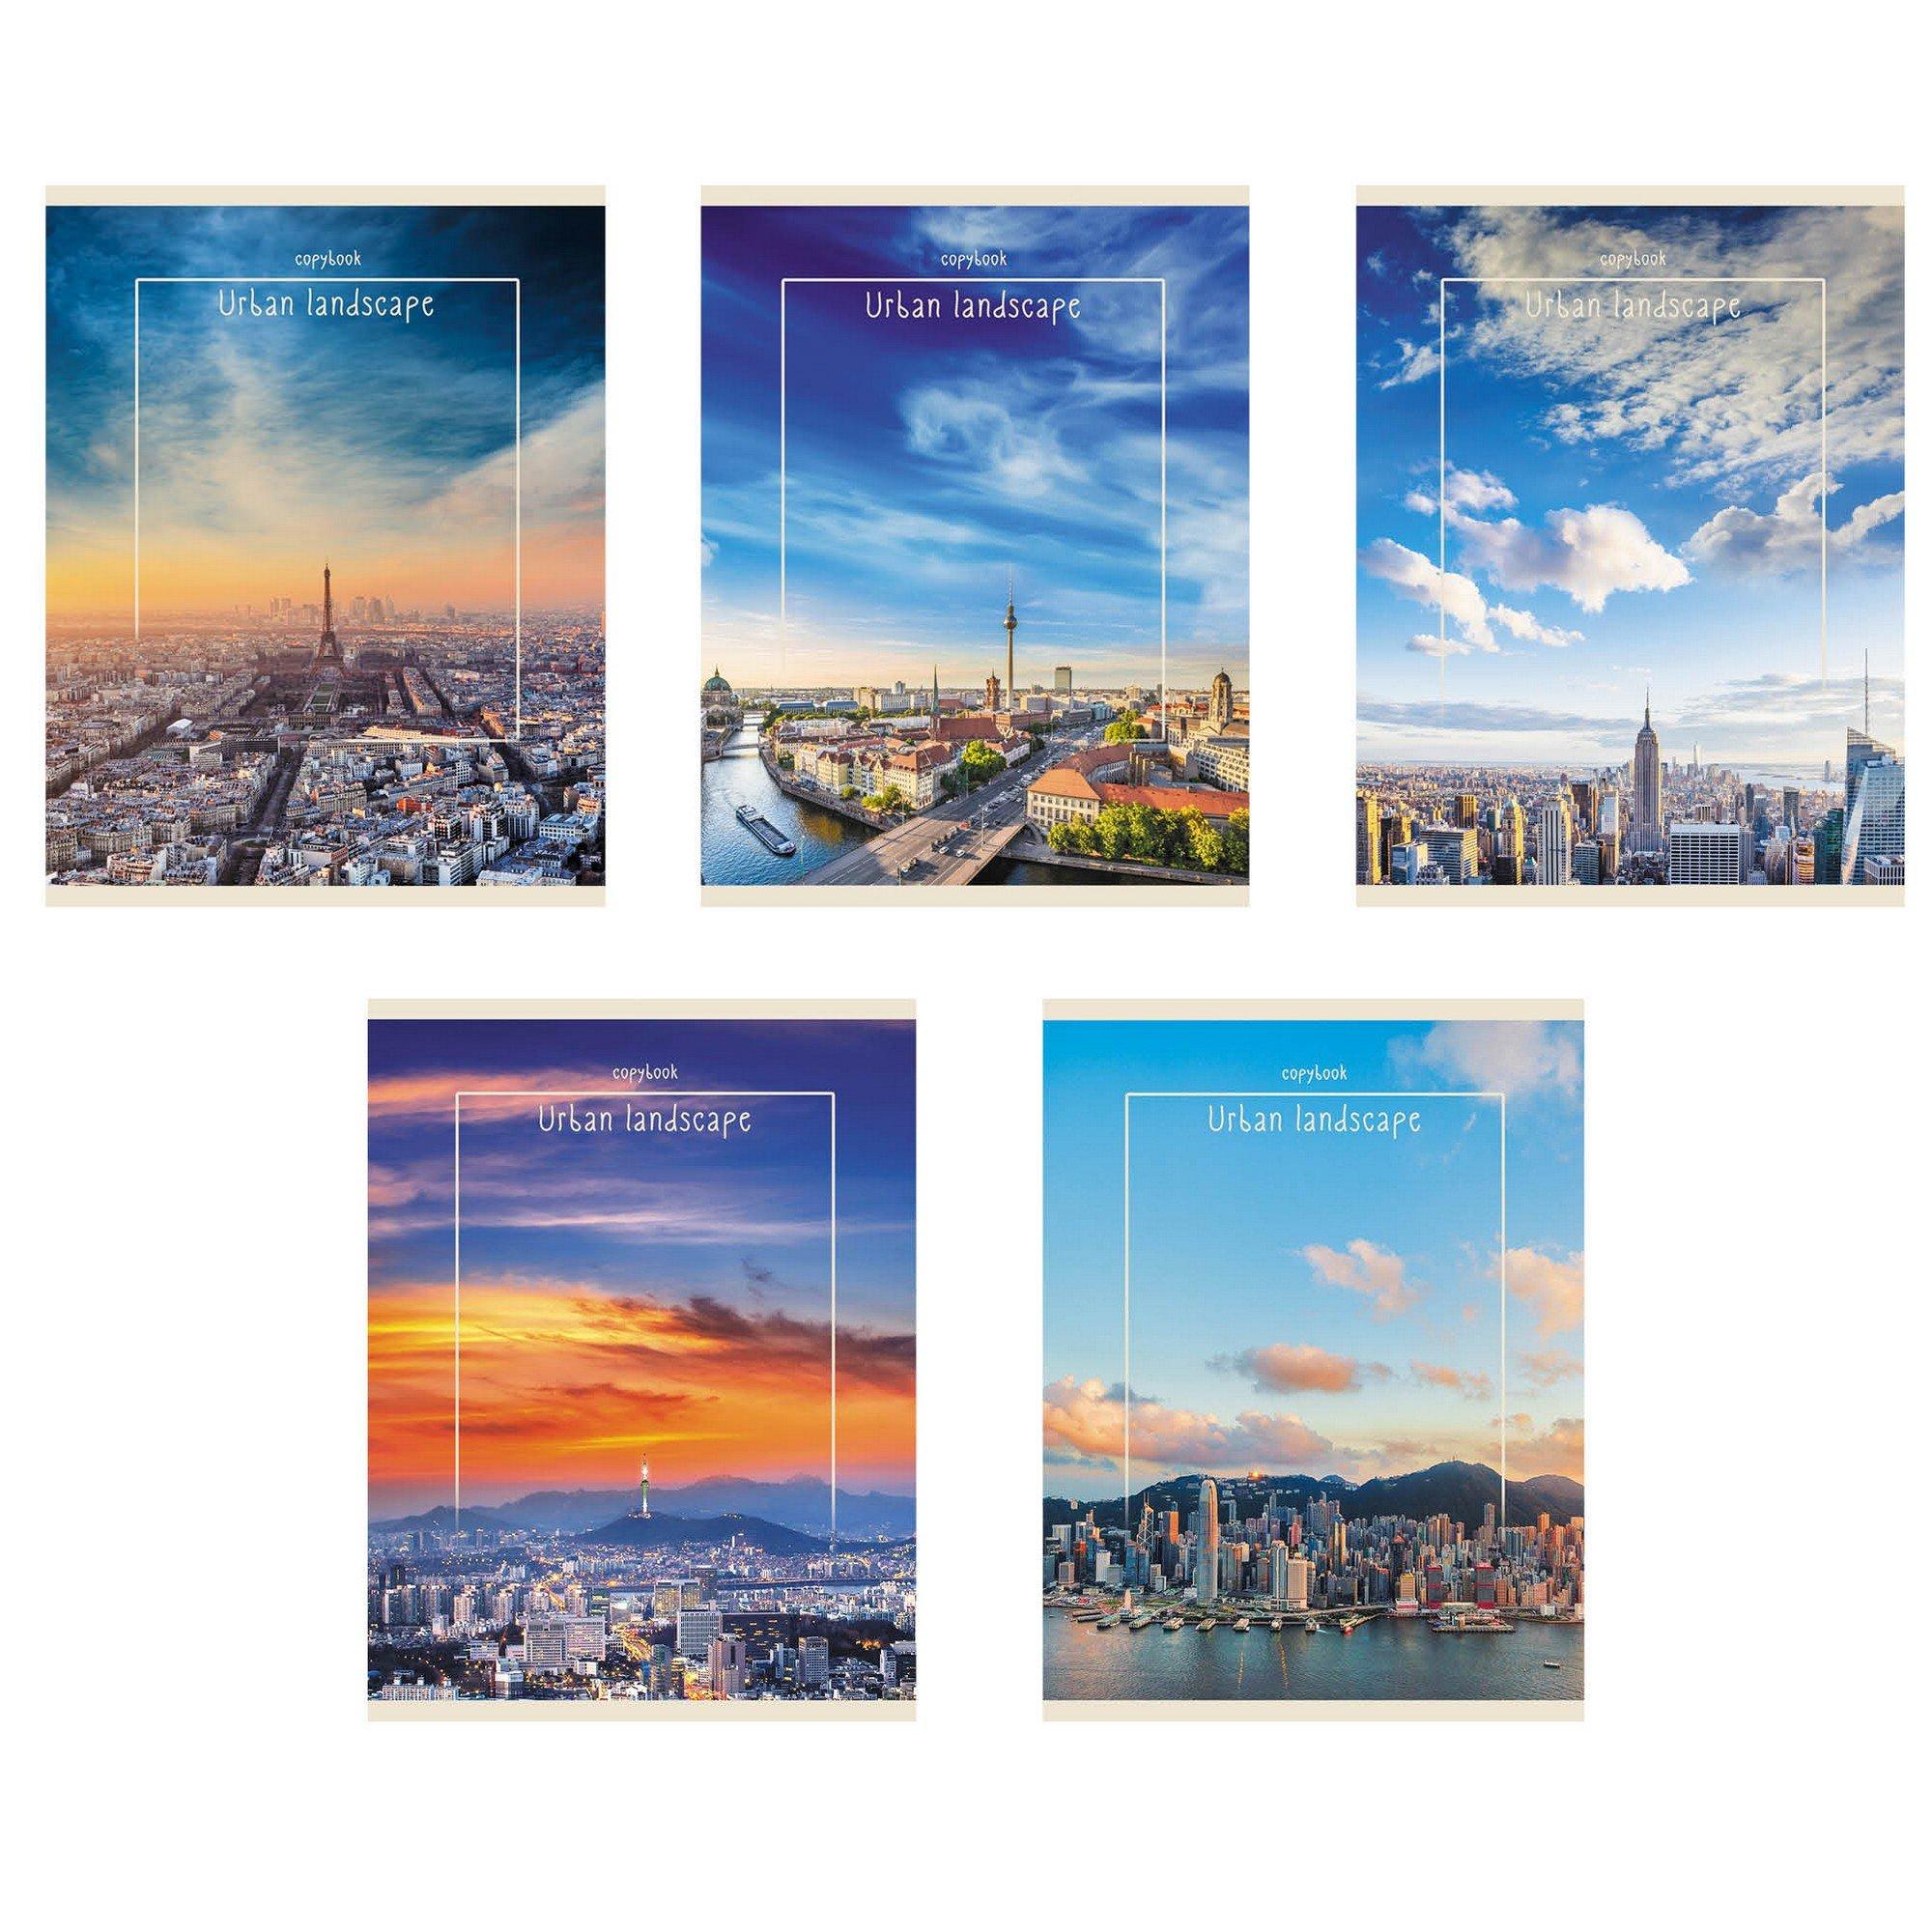 цена Облака над городом онлайн в 2017 году